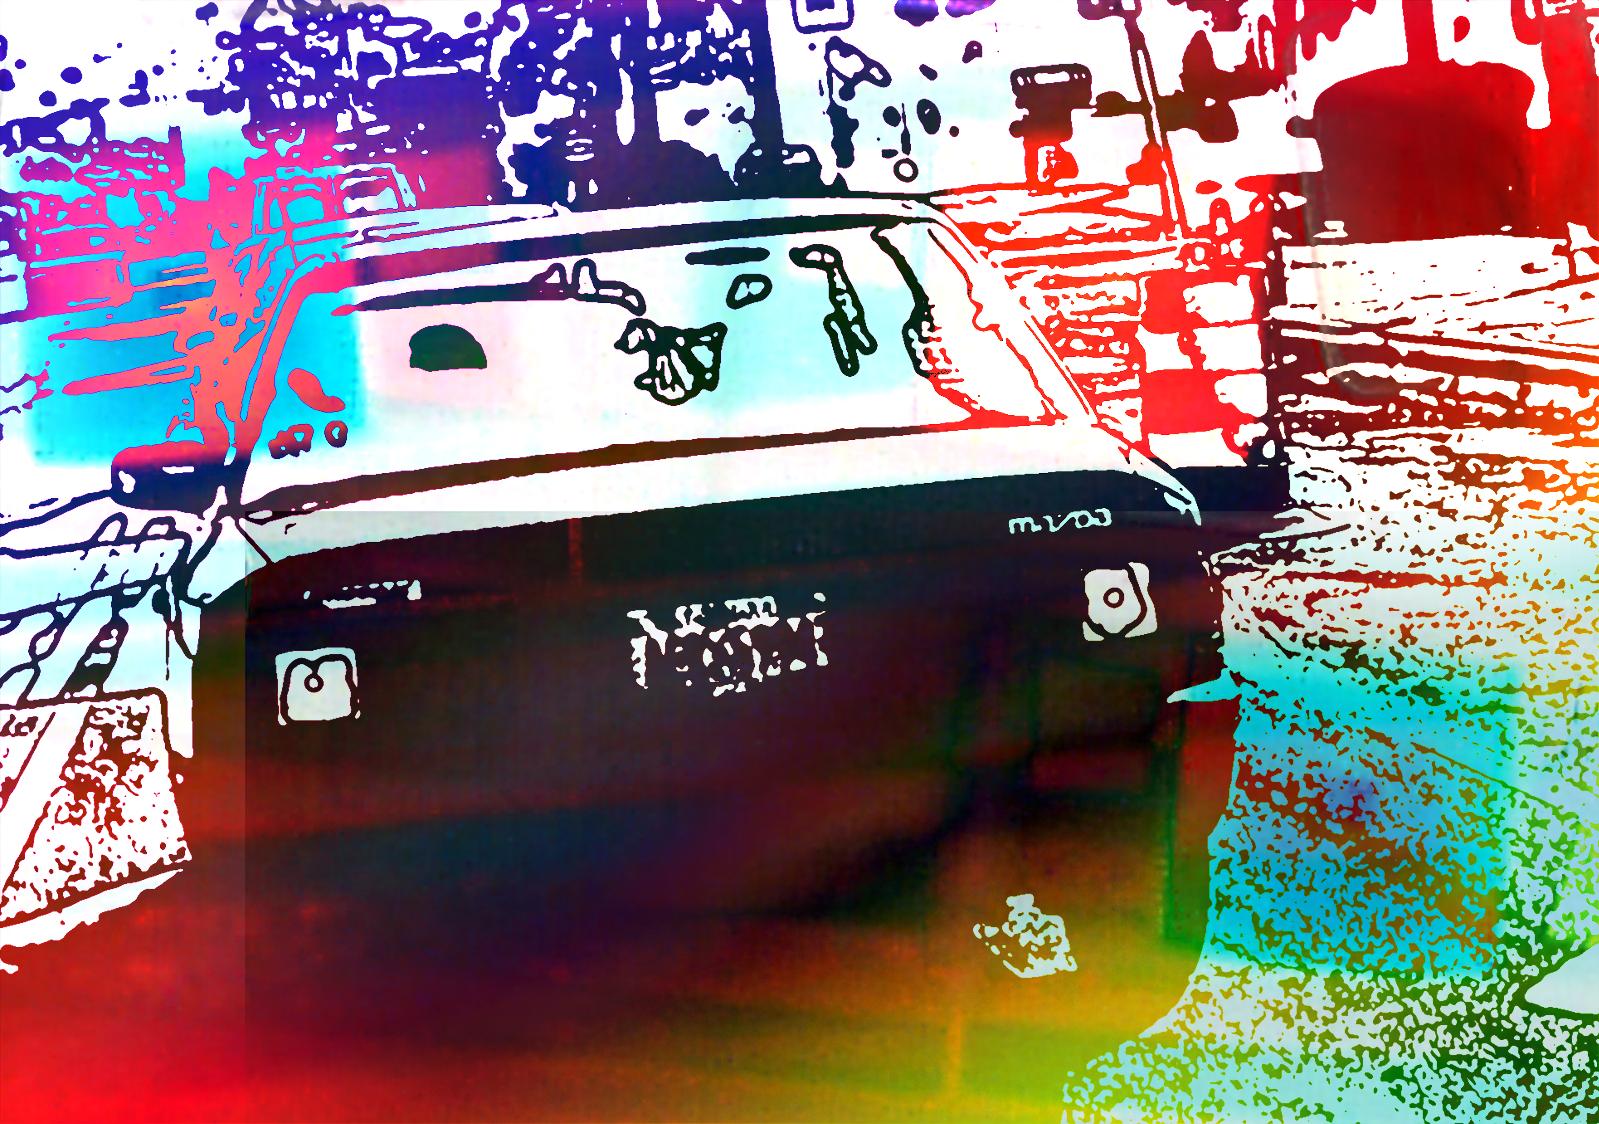 Car-y